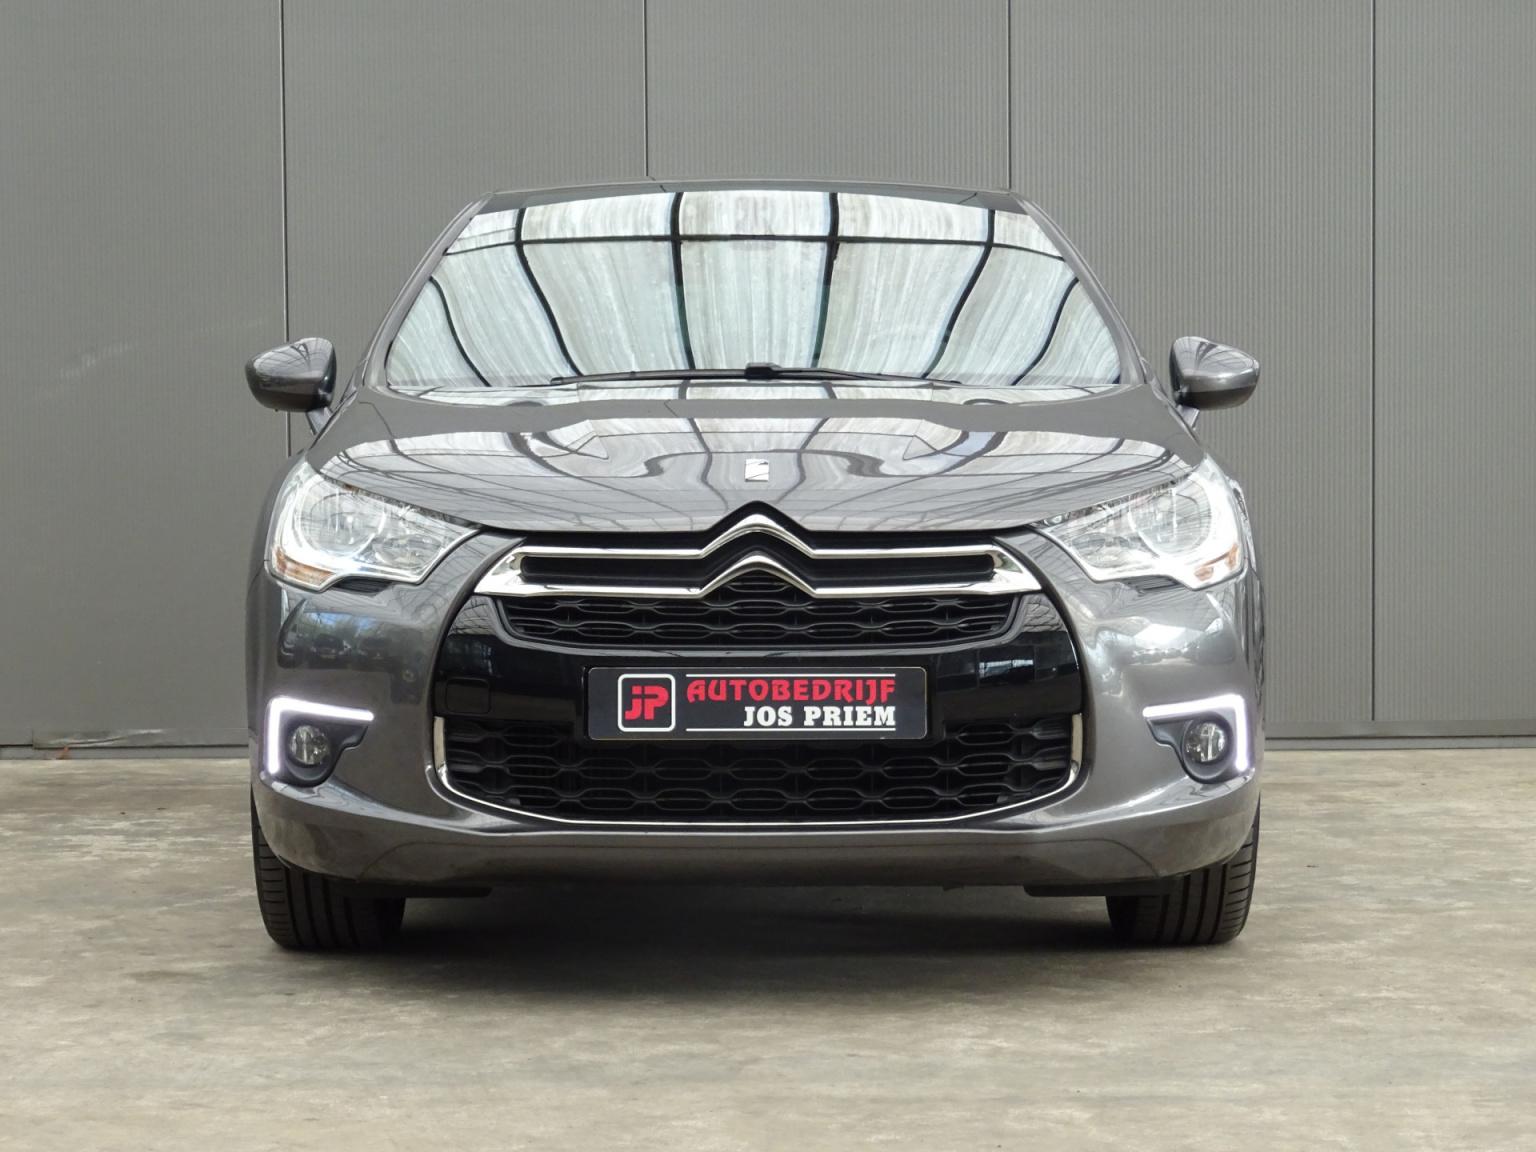 Citroën-DS4-8